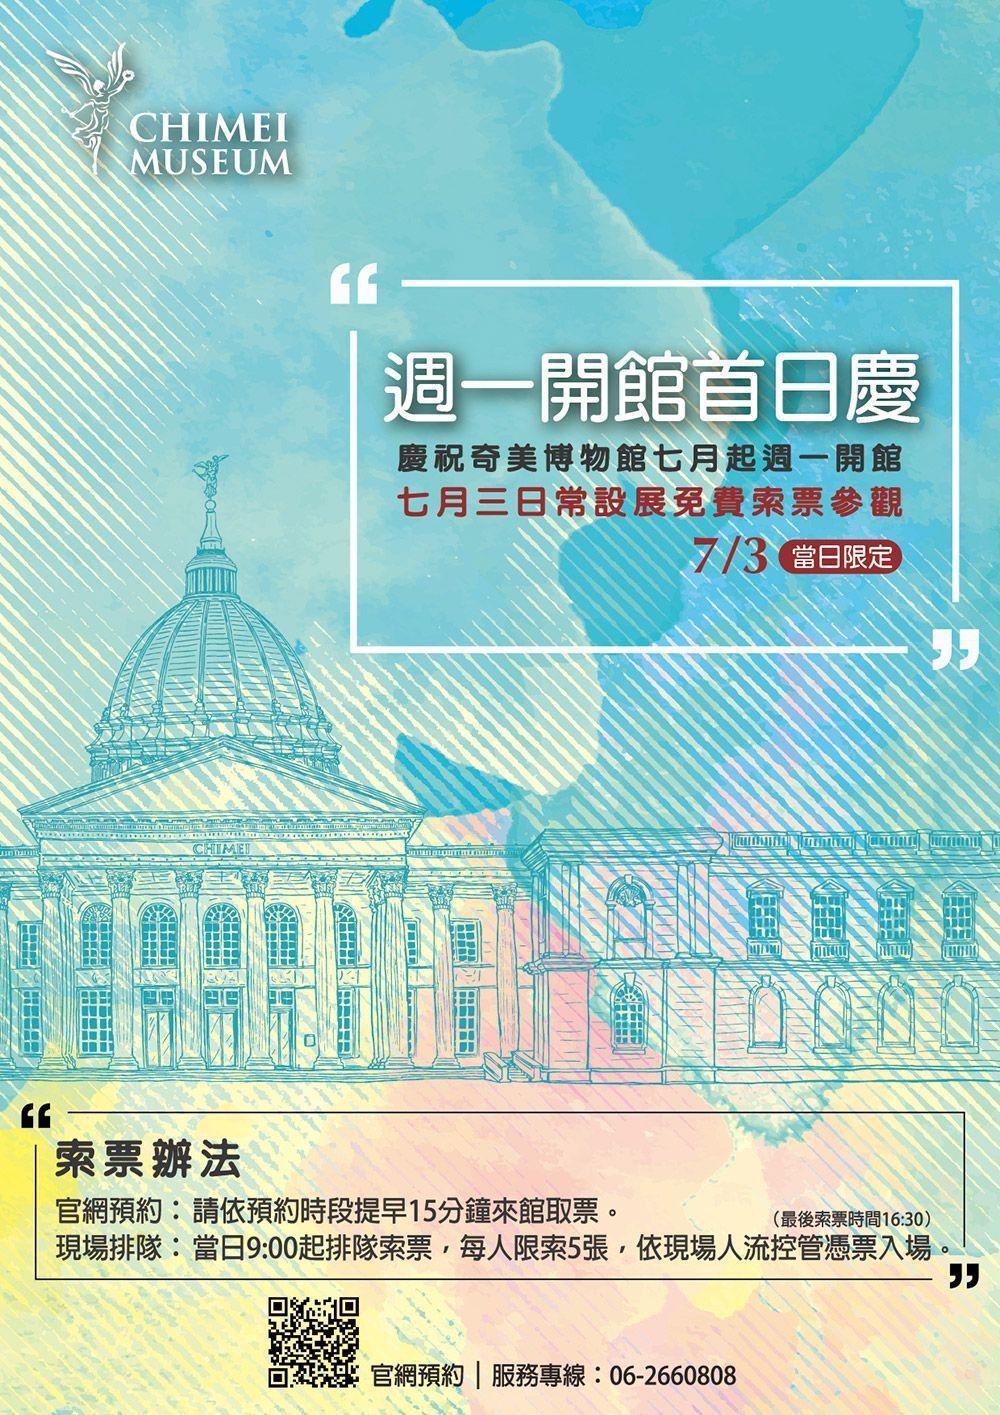 奇美博物館推出周一開館首日慶活動。奇美館/提供